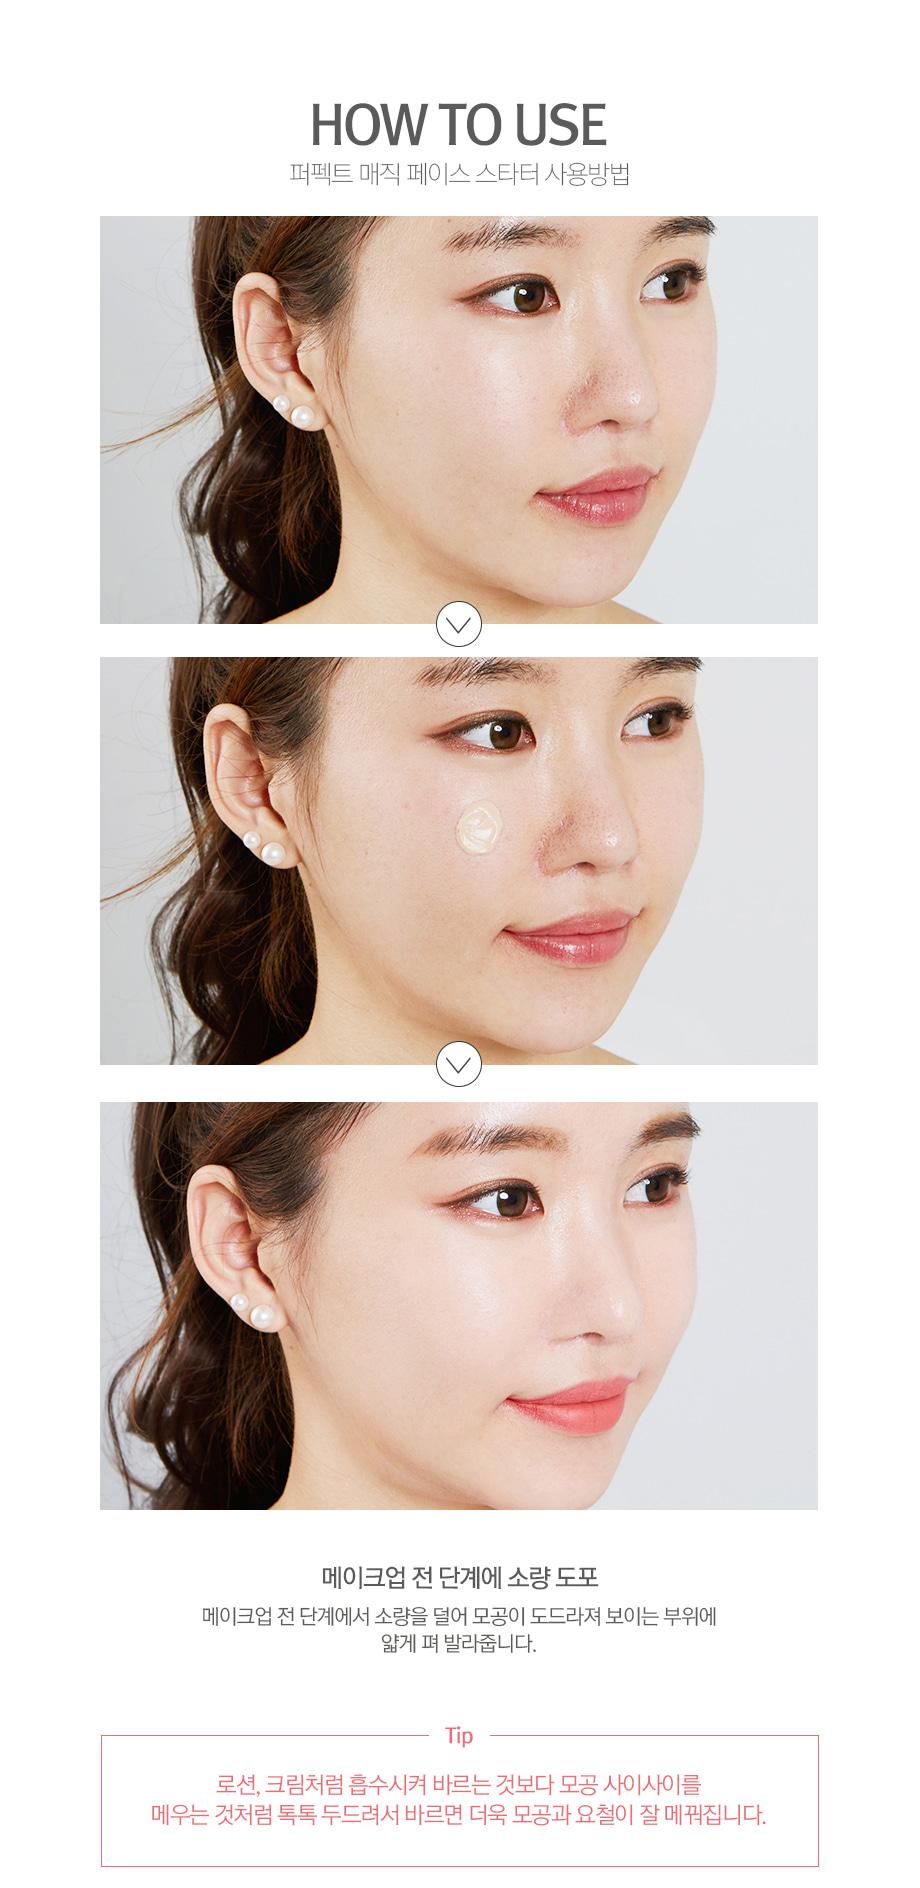 face-1-2dsfsd.jpg